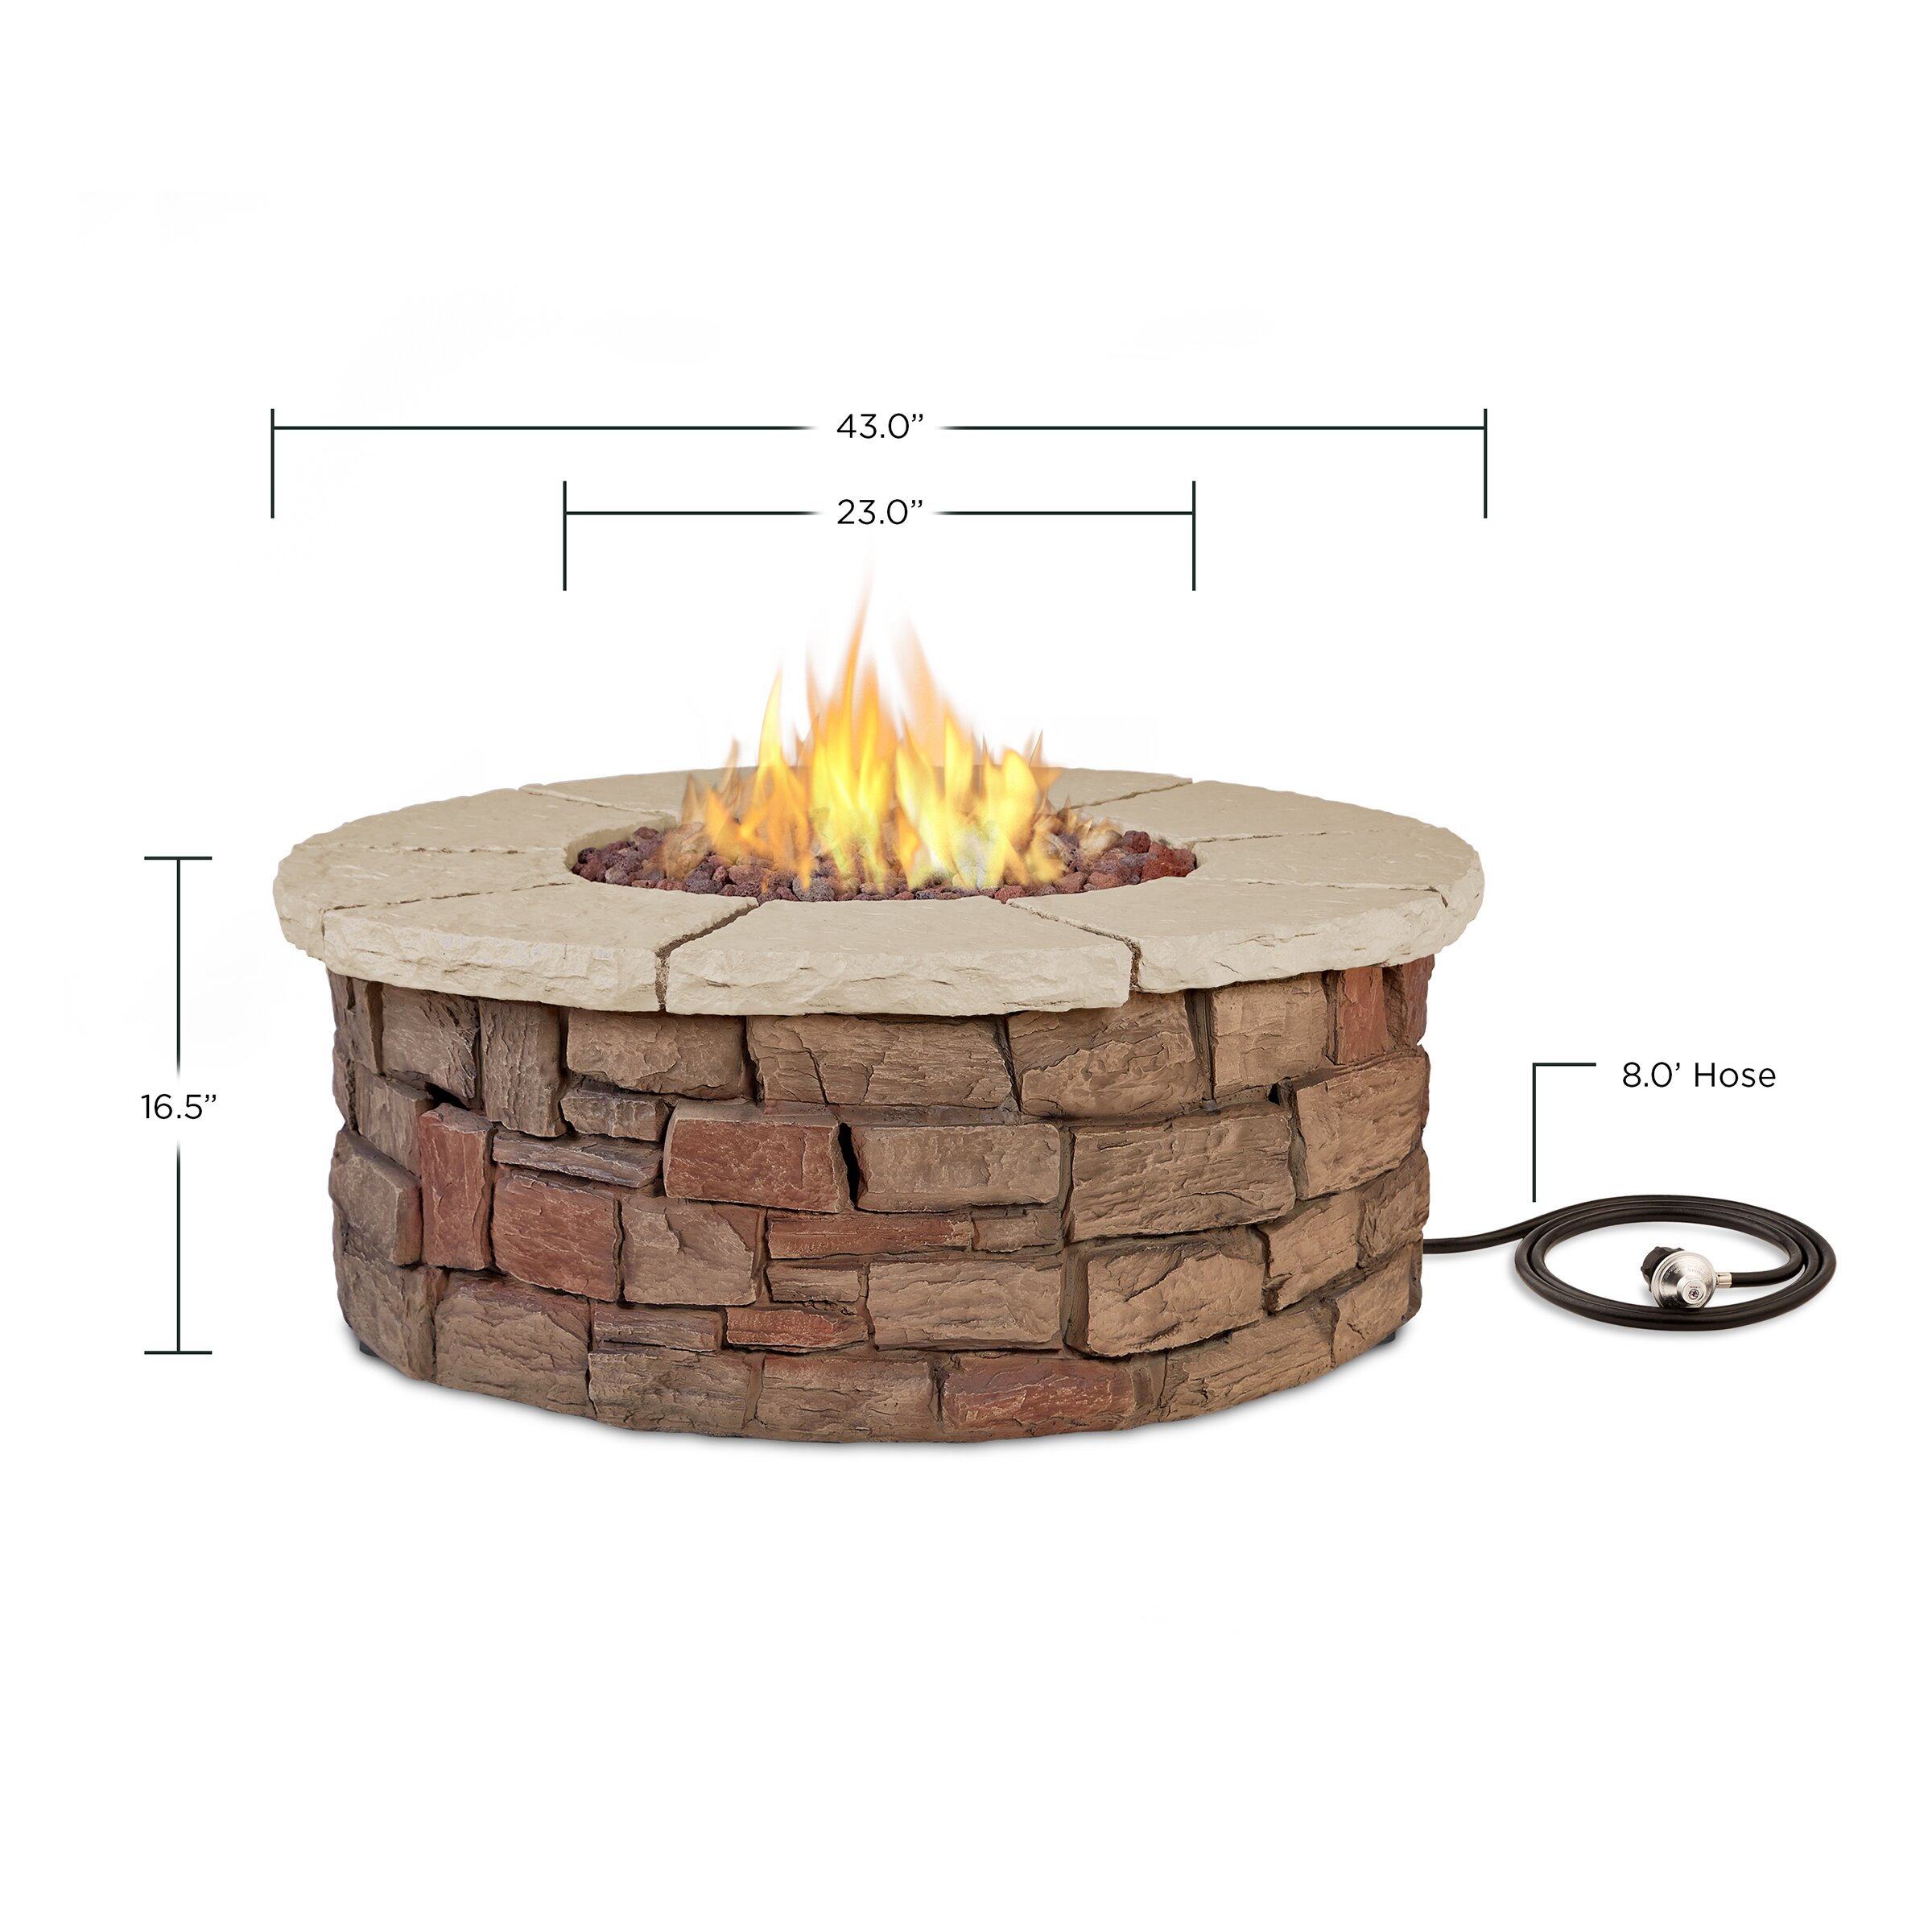 Sedona Fiber Cast Concrete Propane Outdoor Fire Pit Wayfair